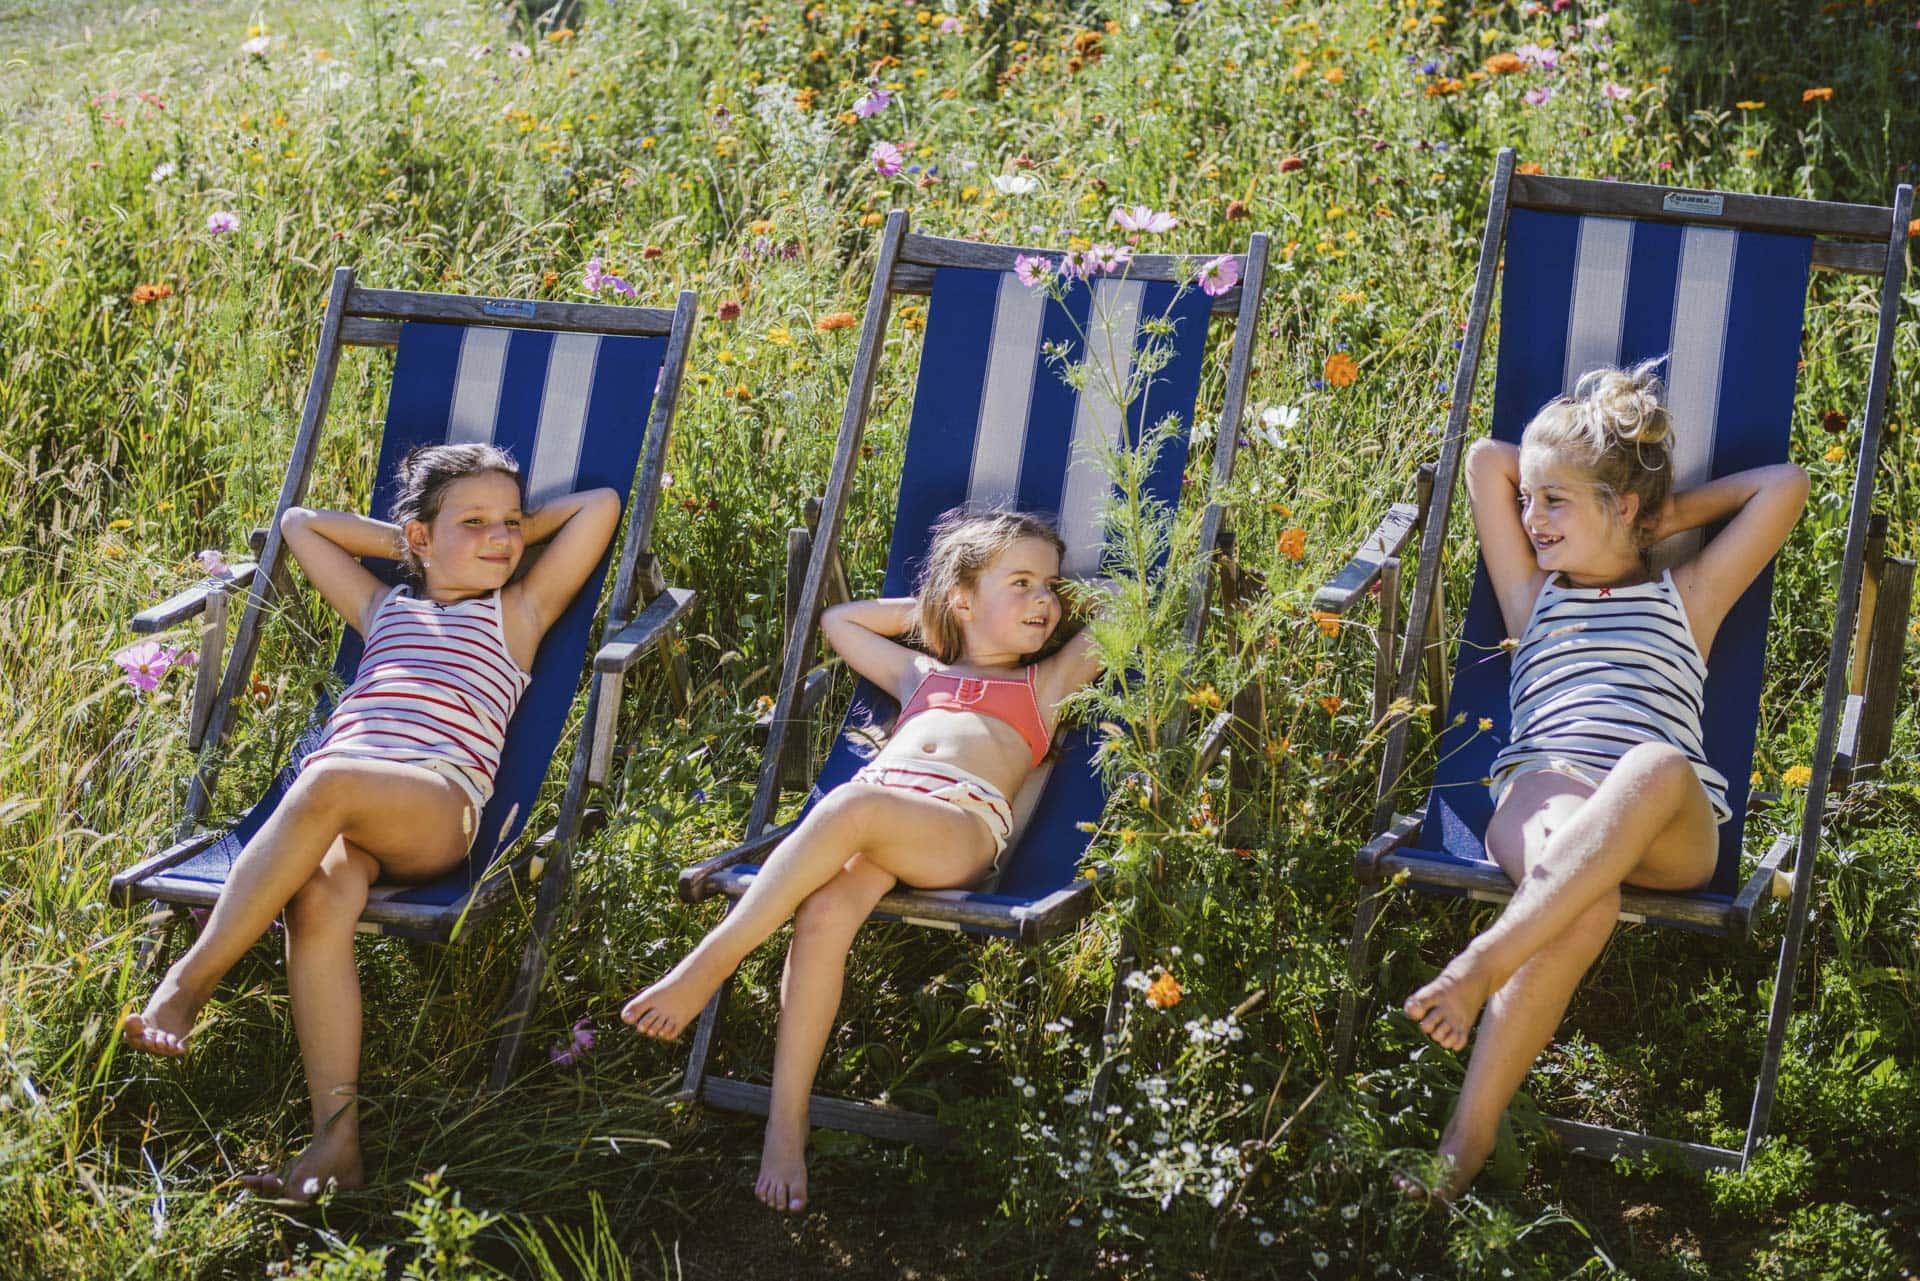 Mädchen auf Liegestuhl in einer Blumenwiese